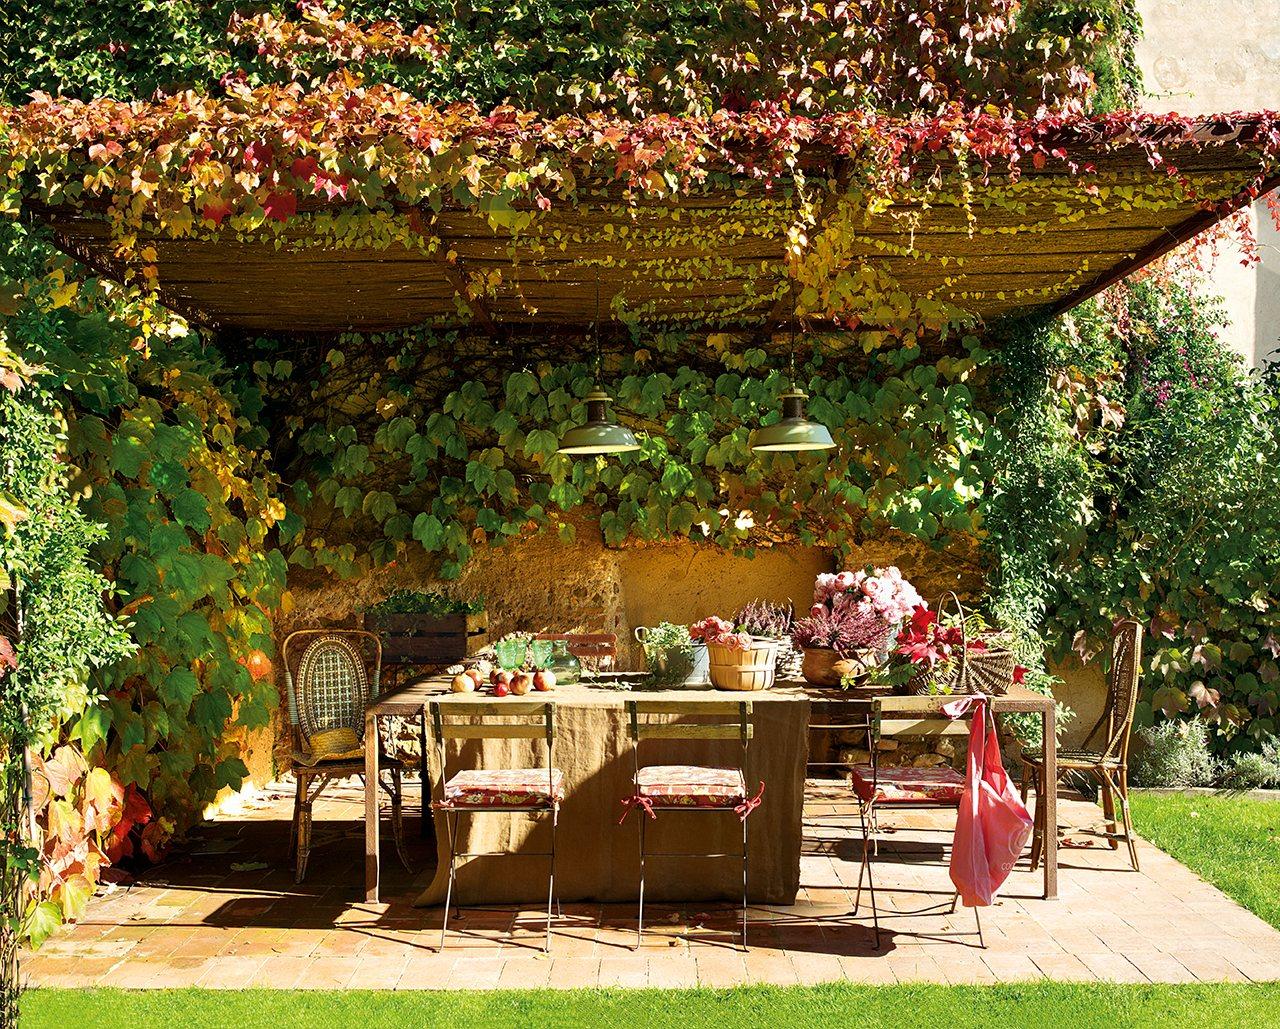 Una casona del siglo xviii restaurada - Como decorar el patio ...